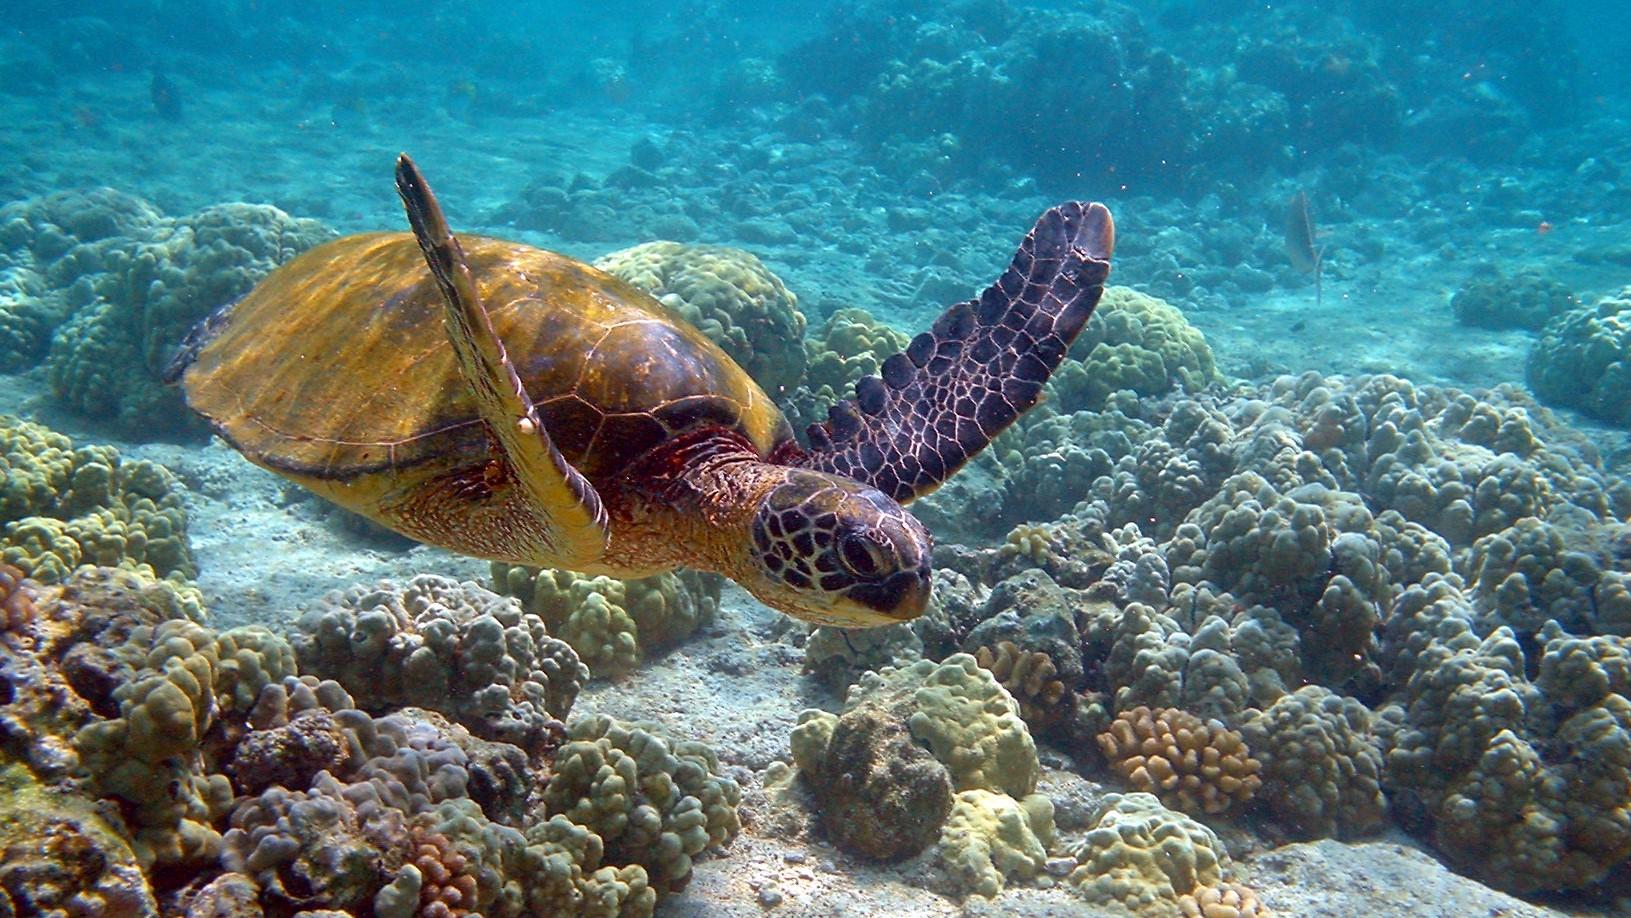 Image: Green sea turtle swimming